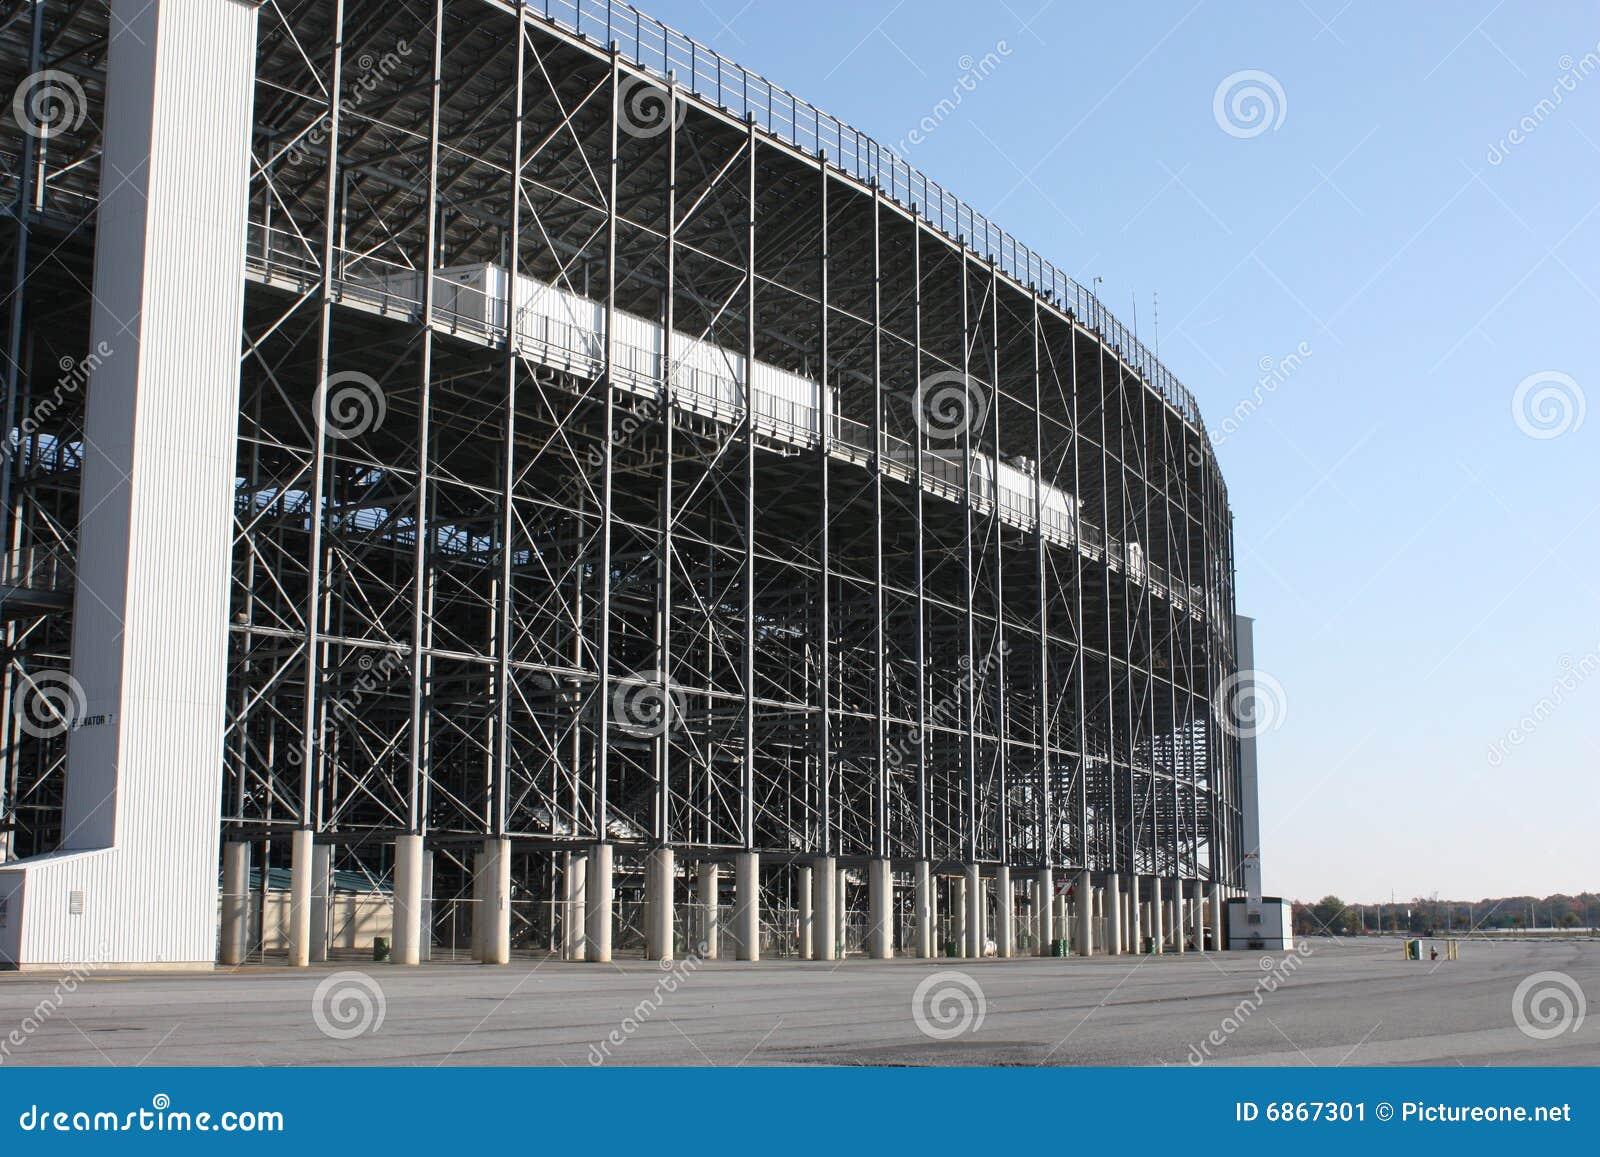 стадион беговой дорожки зодчества